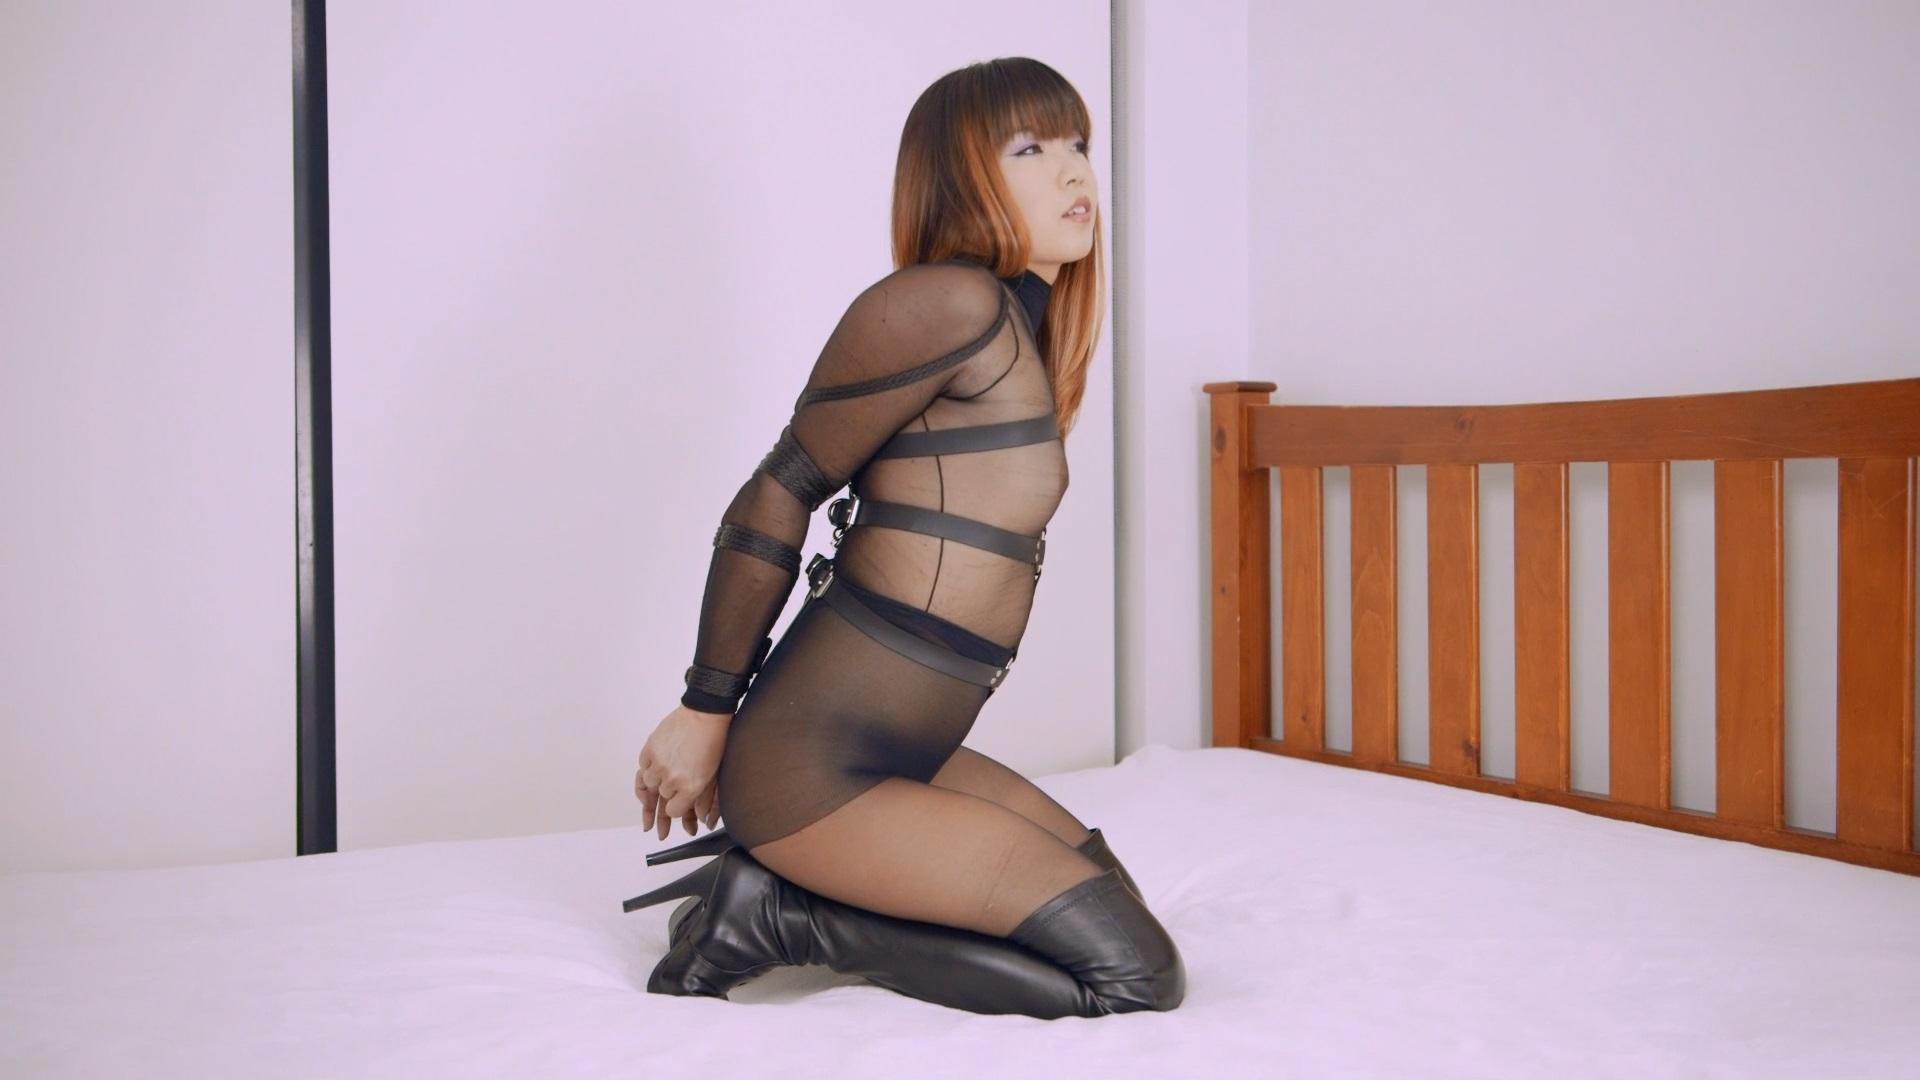 RS_175 Movie_Black Pantyhose Hogtie